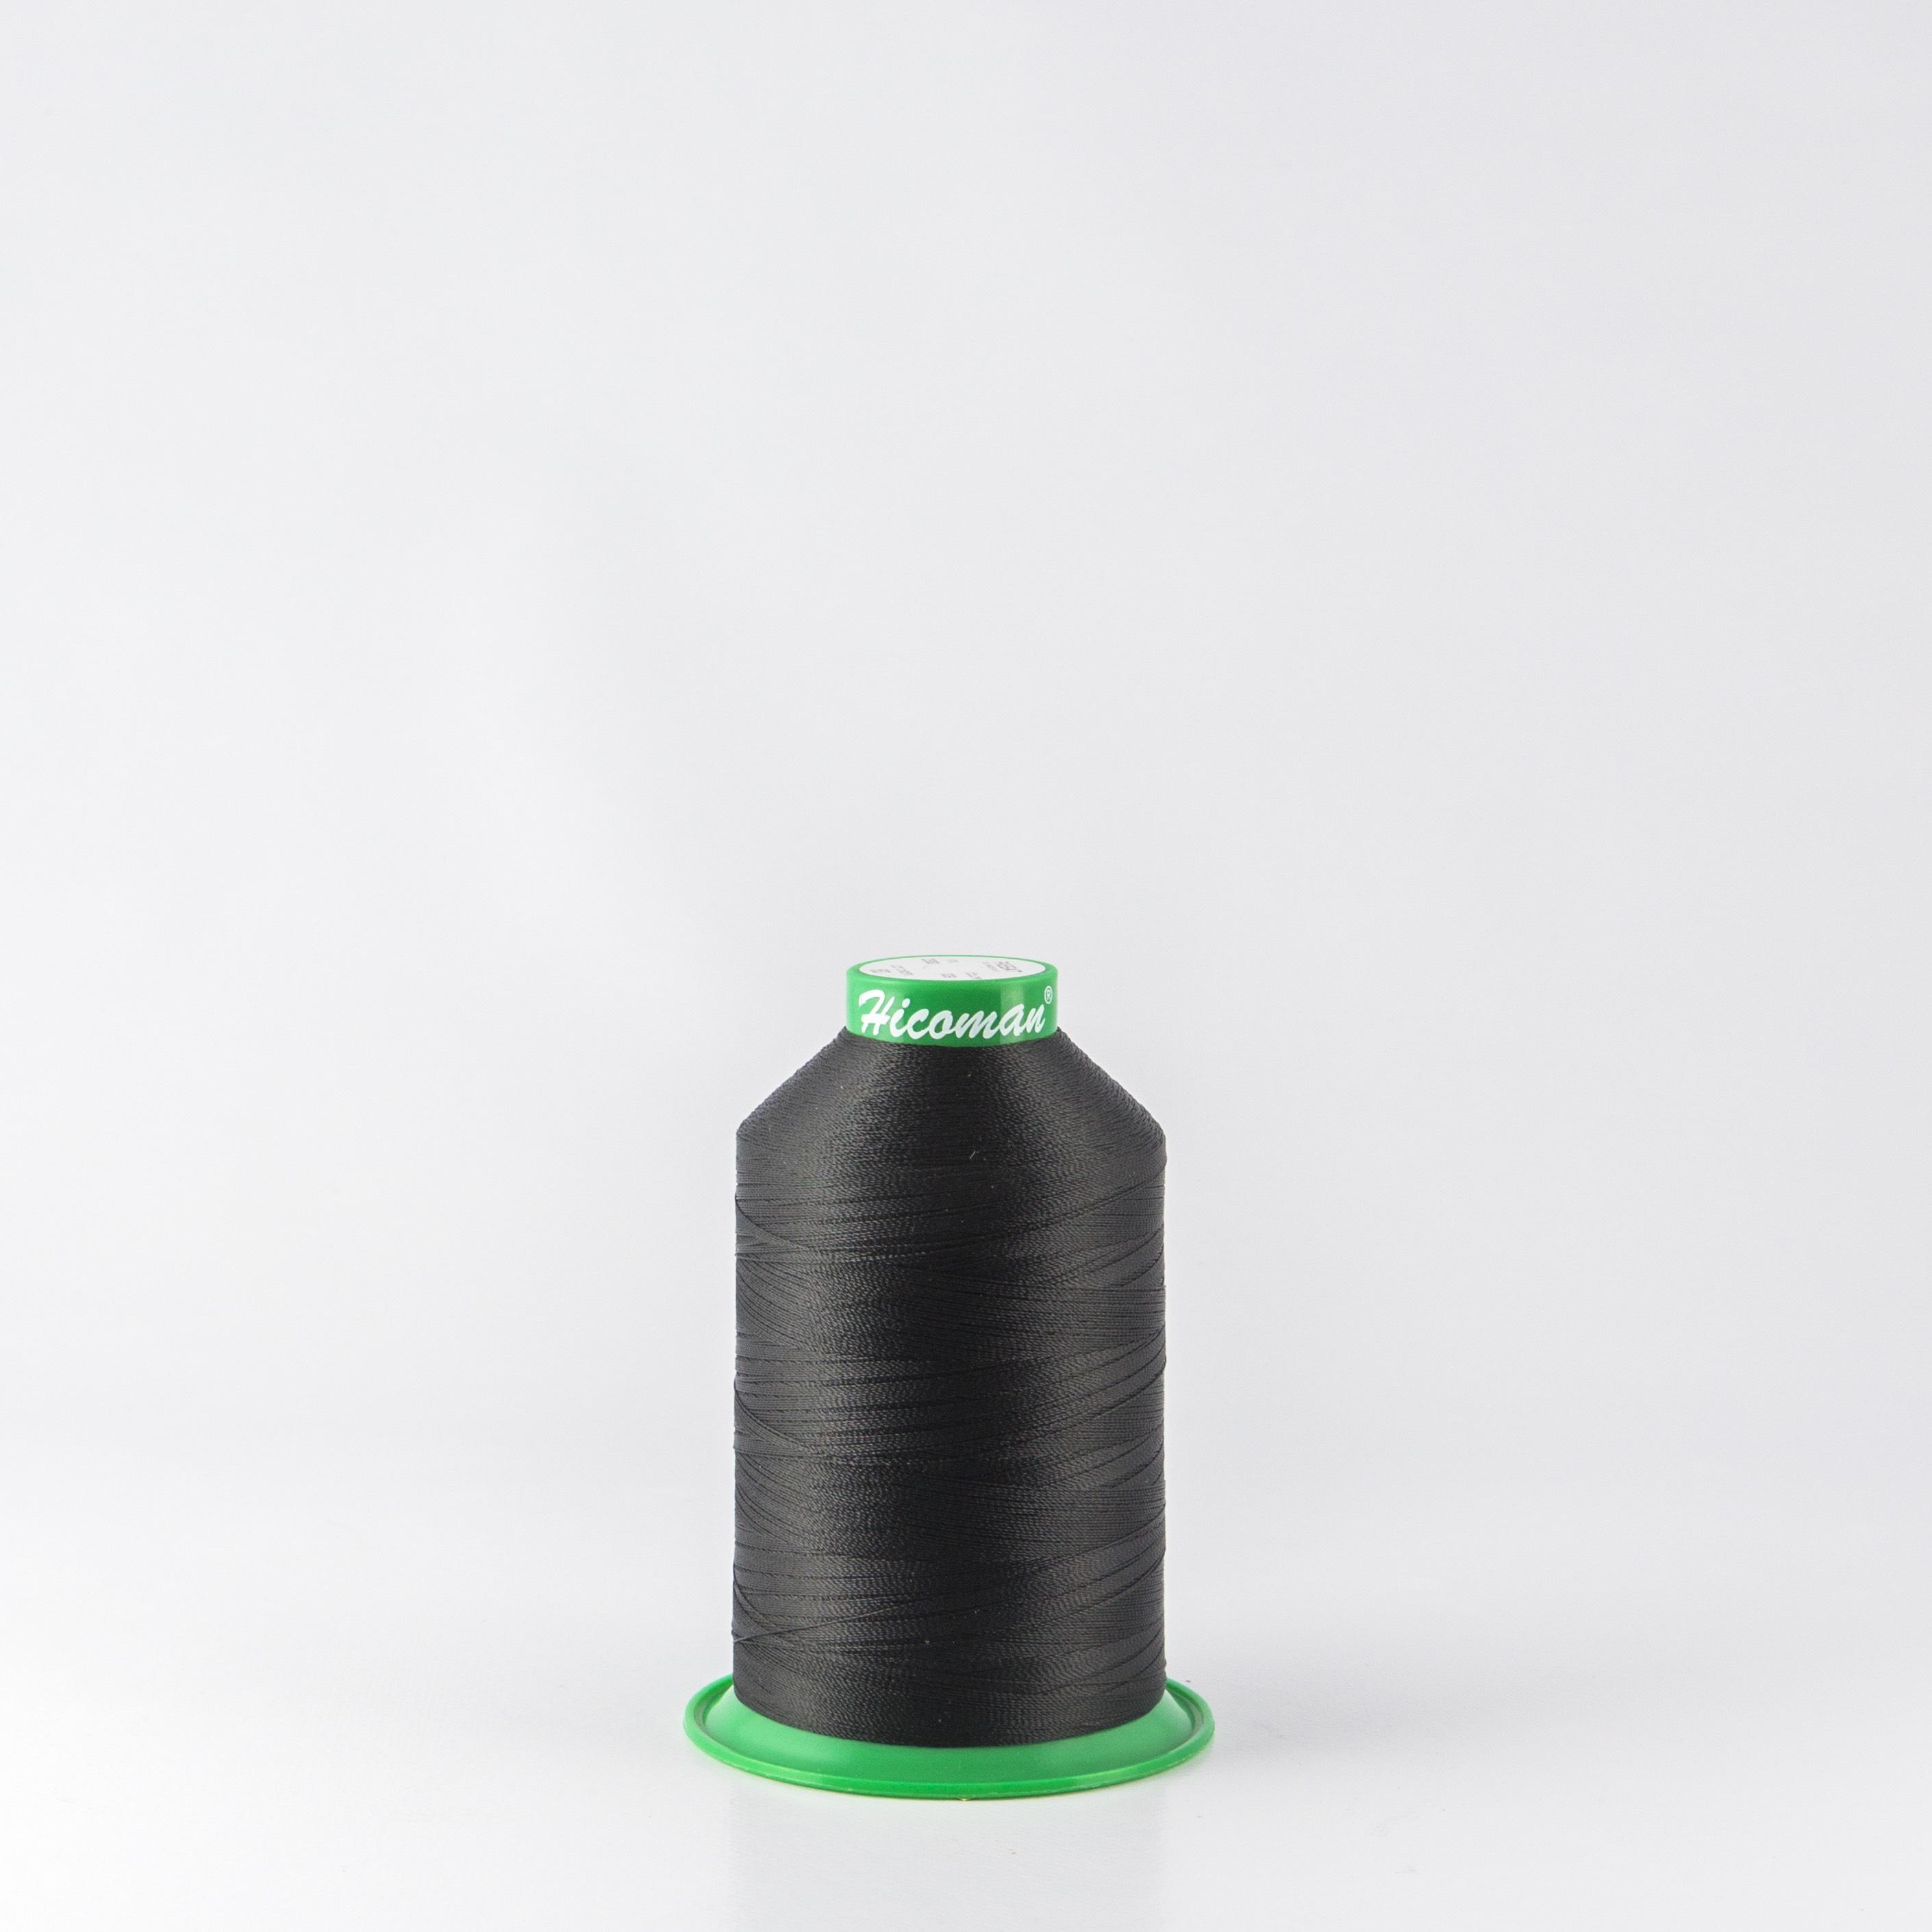 Hilo para coser calzado y marroquinería - Hicoman - Hilos de coser ...